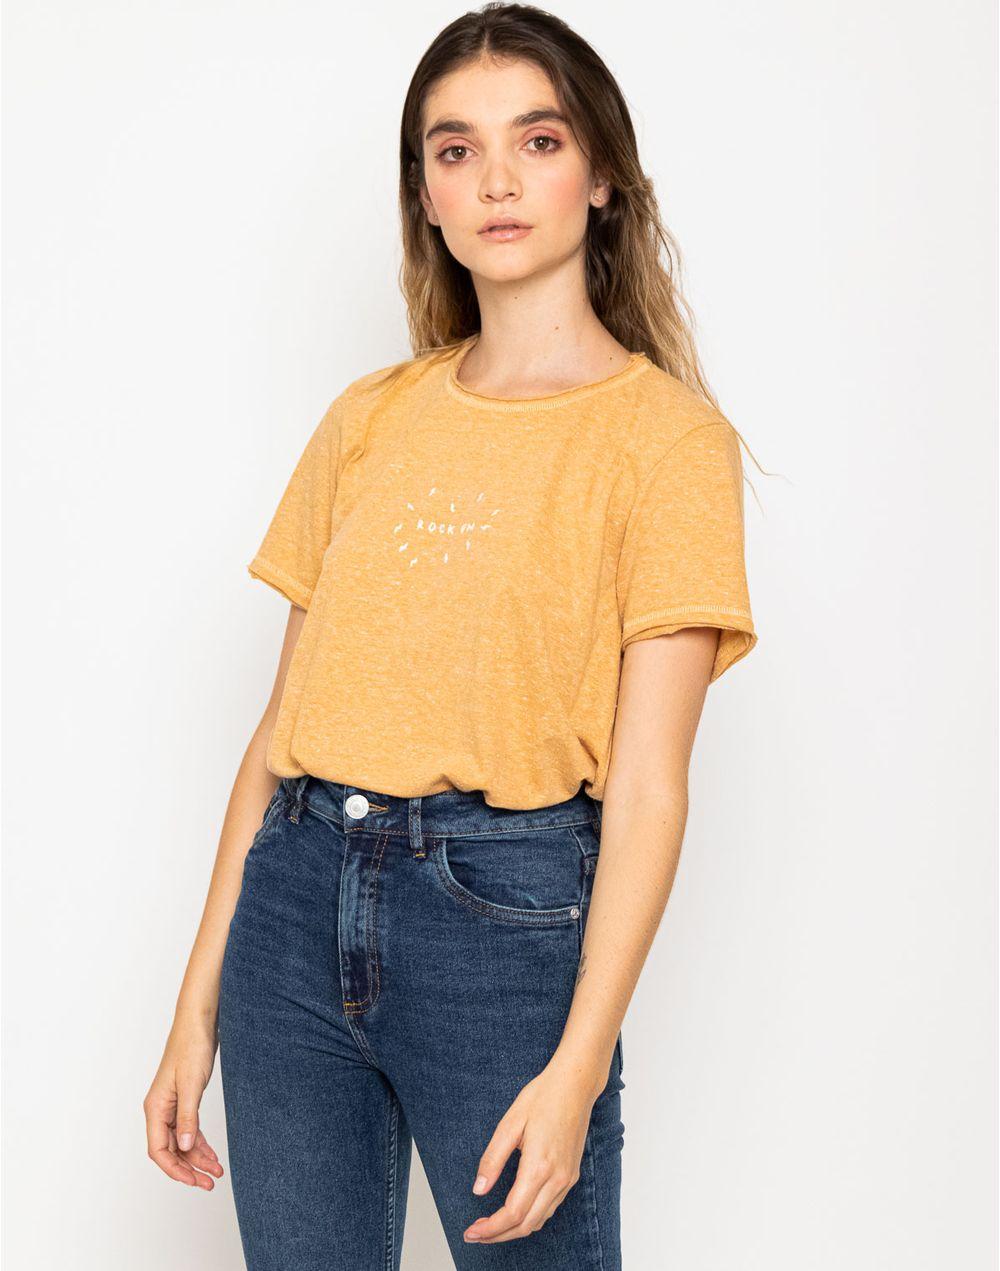 camiseta-180239-amarillo-1.jpg